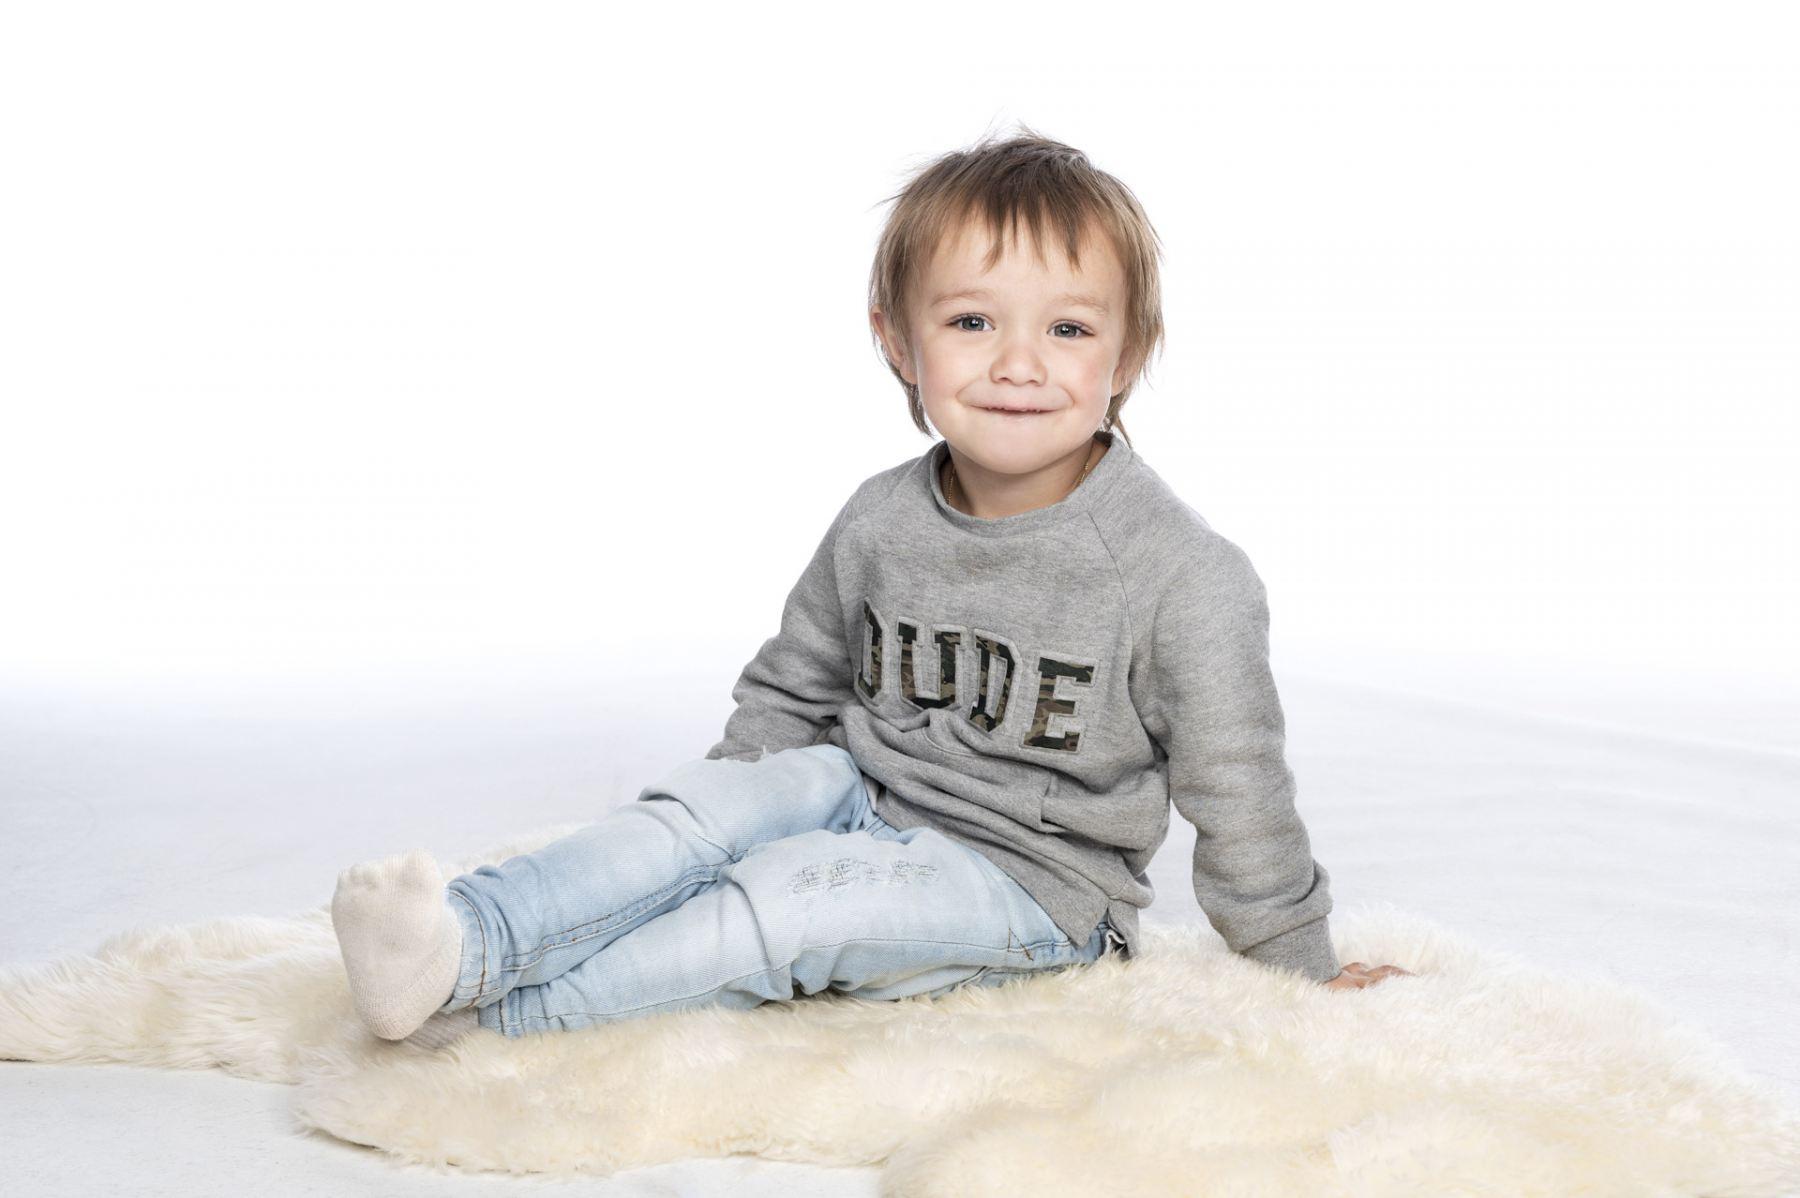 Fotograf-Baby-Familie-Newborn-Neugeboren-Traunstein-Chiemgau062